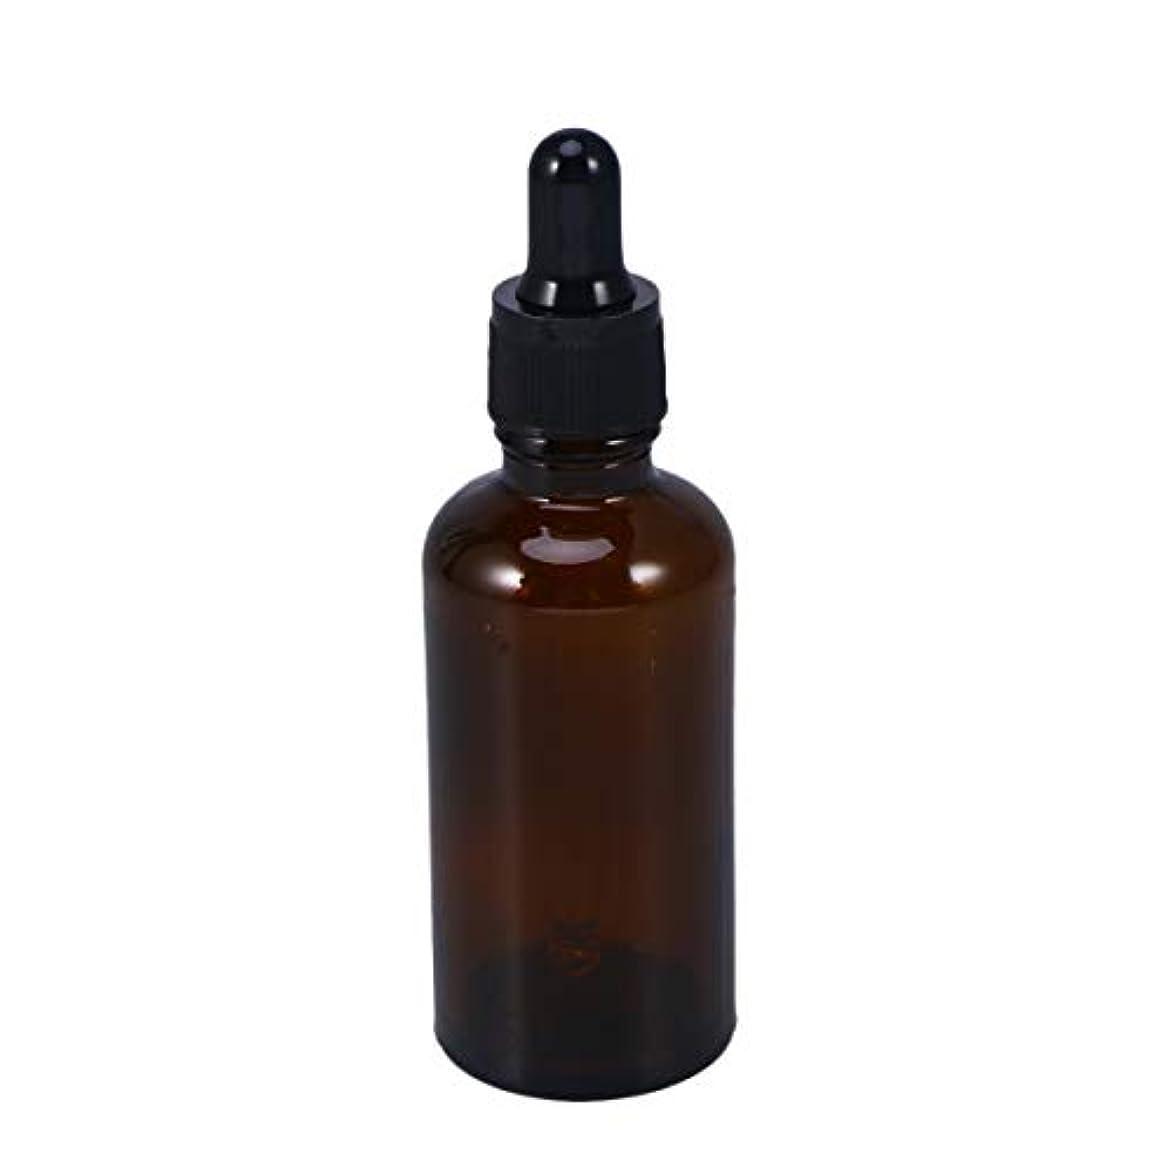 バットガロン病気Frcolor 遮光瓶 スポイト遮光瓶 スポイト付き アロマボトル 50ml 保存容器 エッセンシャルオイル 香水 保存用 詰替え ガラス 茶色